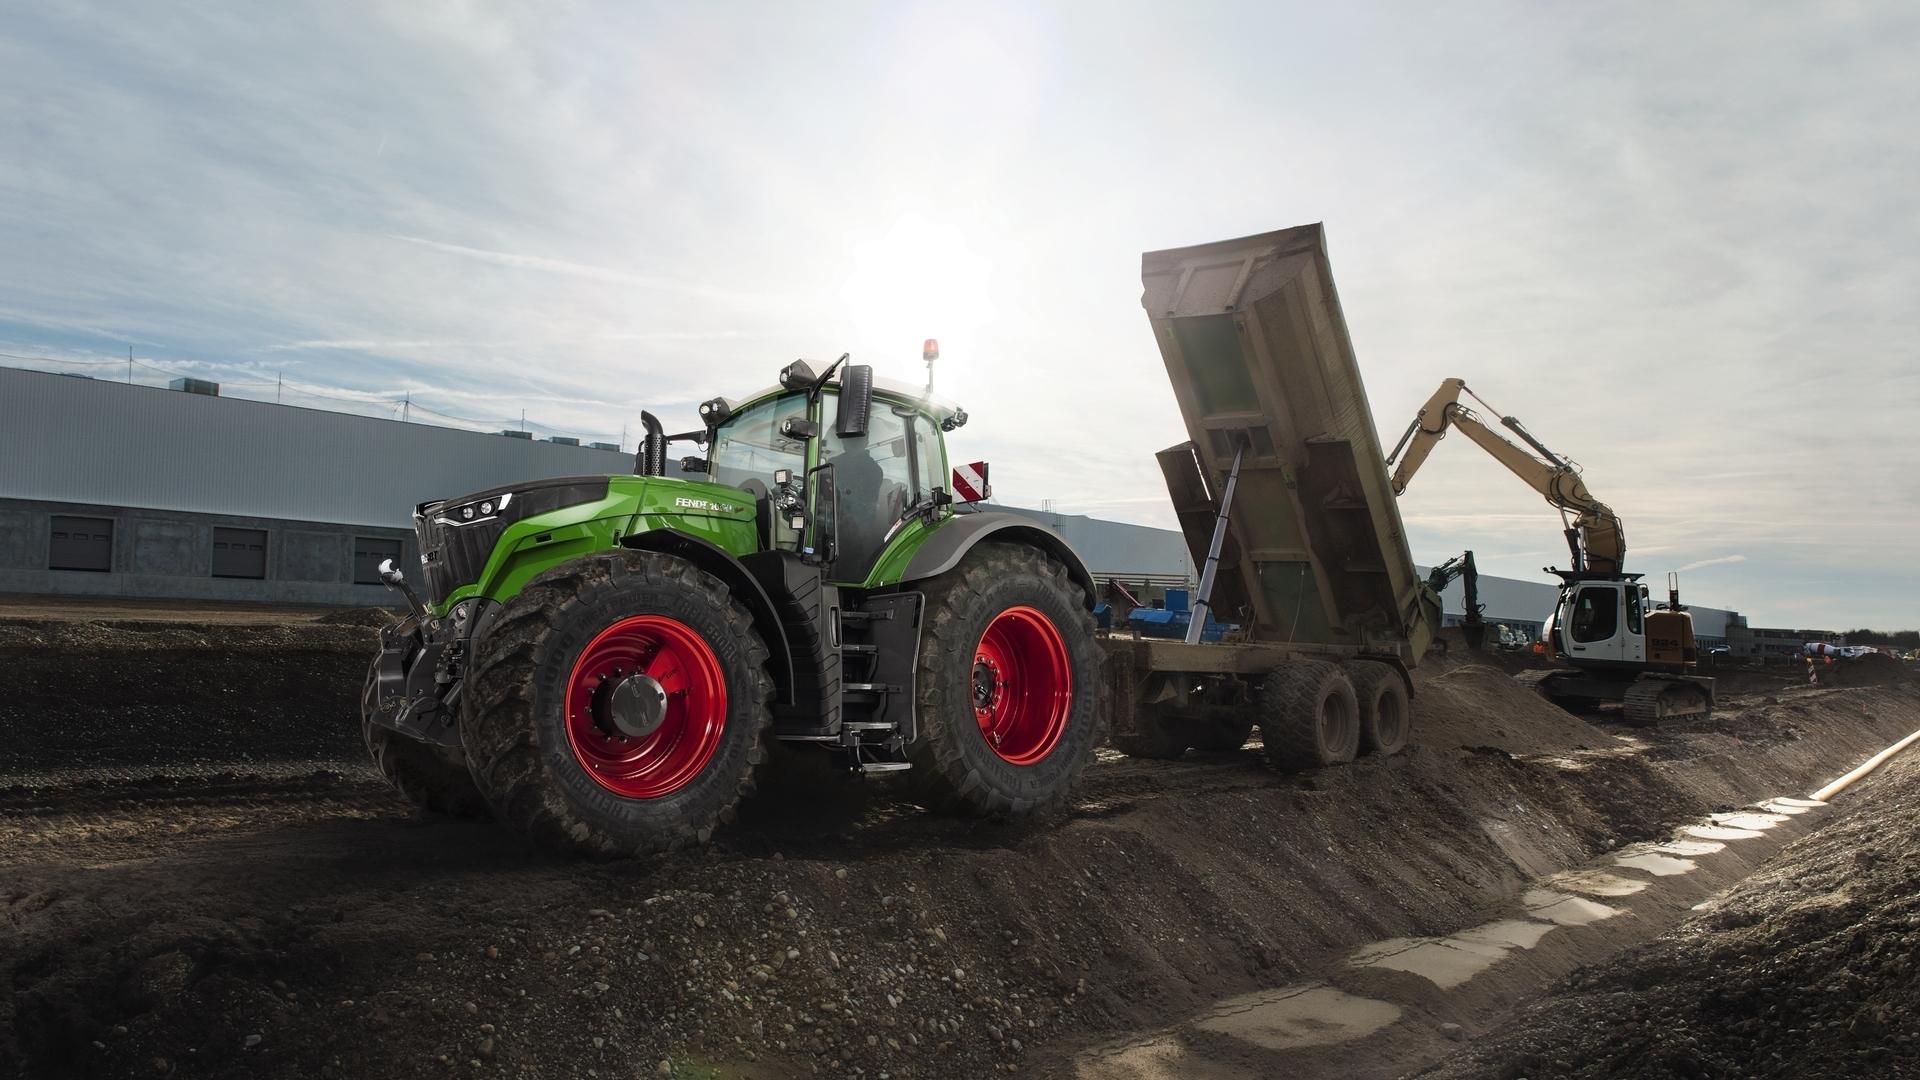 Rr >> Fendt 1000 Series Tractors | Maple Lane Farm Service